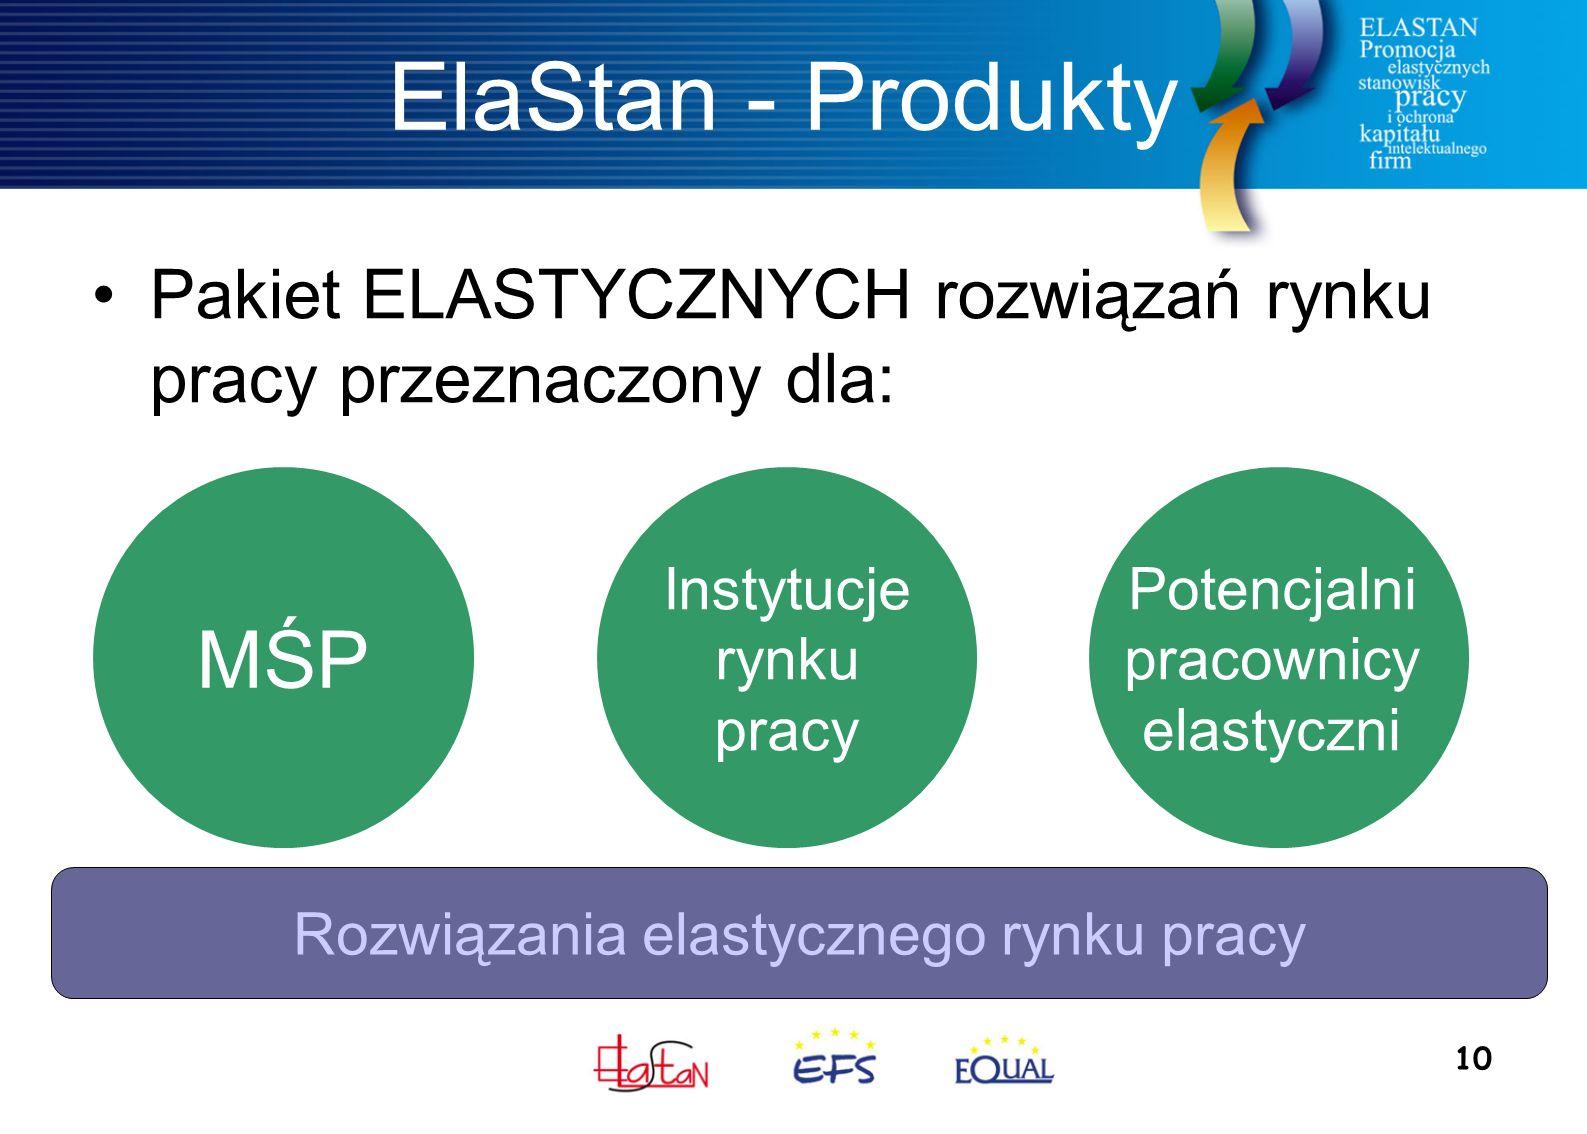 10 ElaStan - Produkty Pakiet ELASTYCZNYCH rozwiązań rynku pracy przeznaczony dla: MŚP Potencjalni pracownicy elastyczni Instytucje rynku pracy Rozwiązania elastycznego rynku pracy